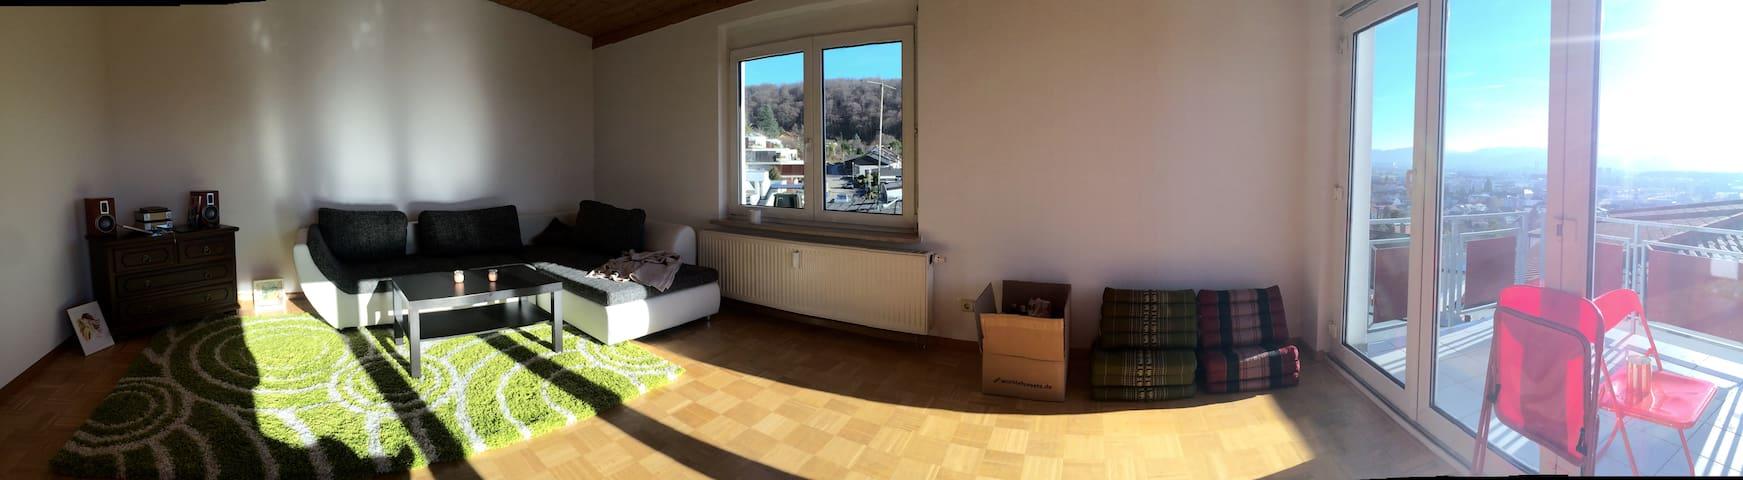 Schöne Wohnung,5 Minuten nach Basel - Grenzach-Wyhlen - Byt